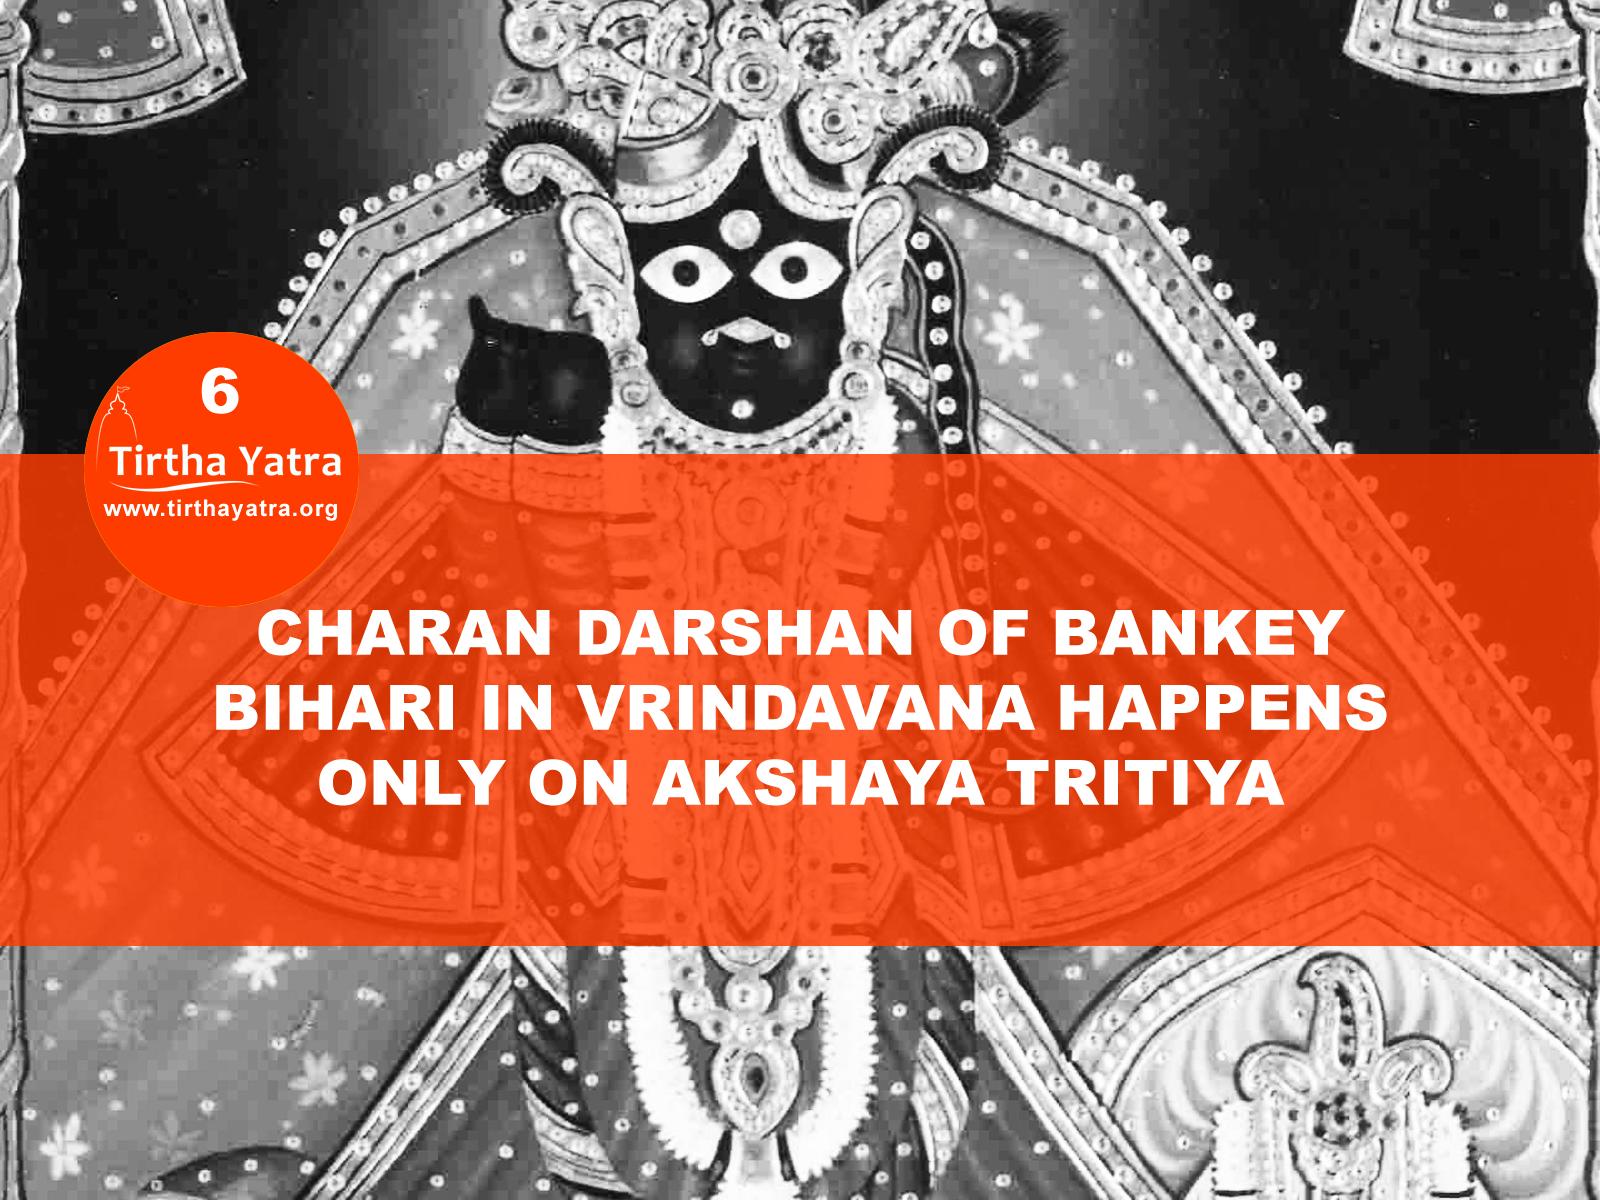 Bankey Bihari charan darshan on Akshaya Tritiya